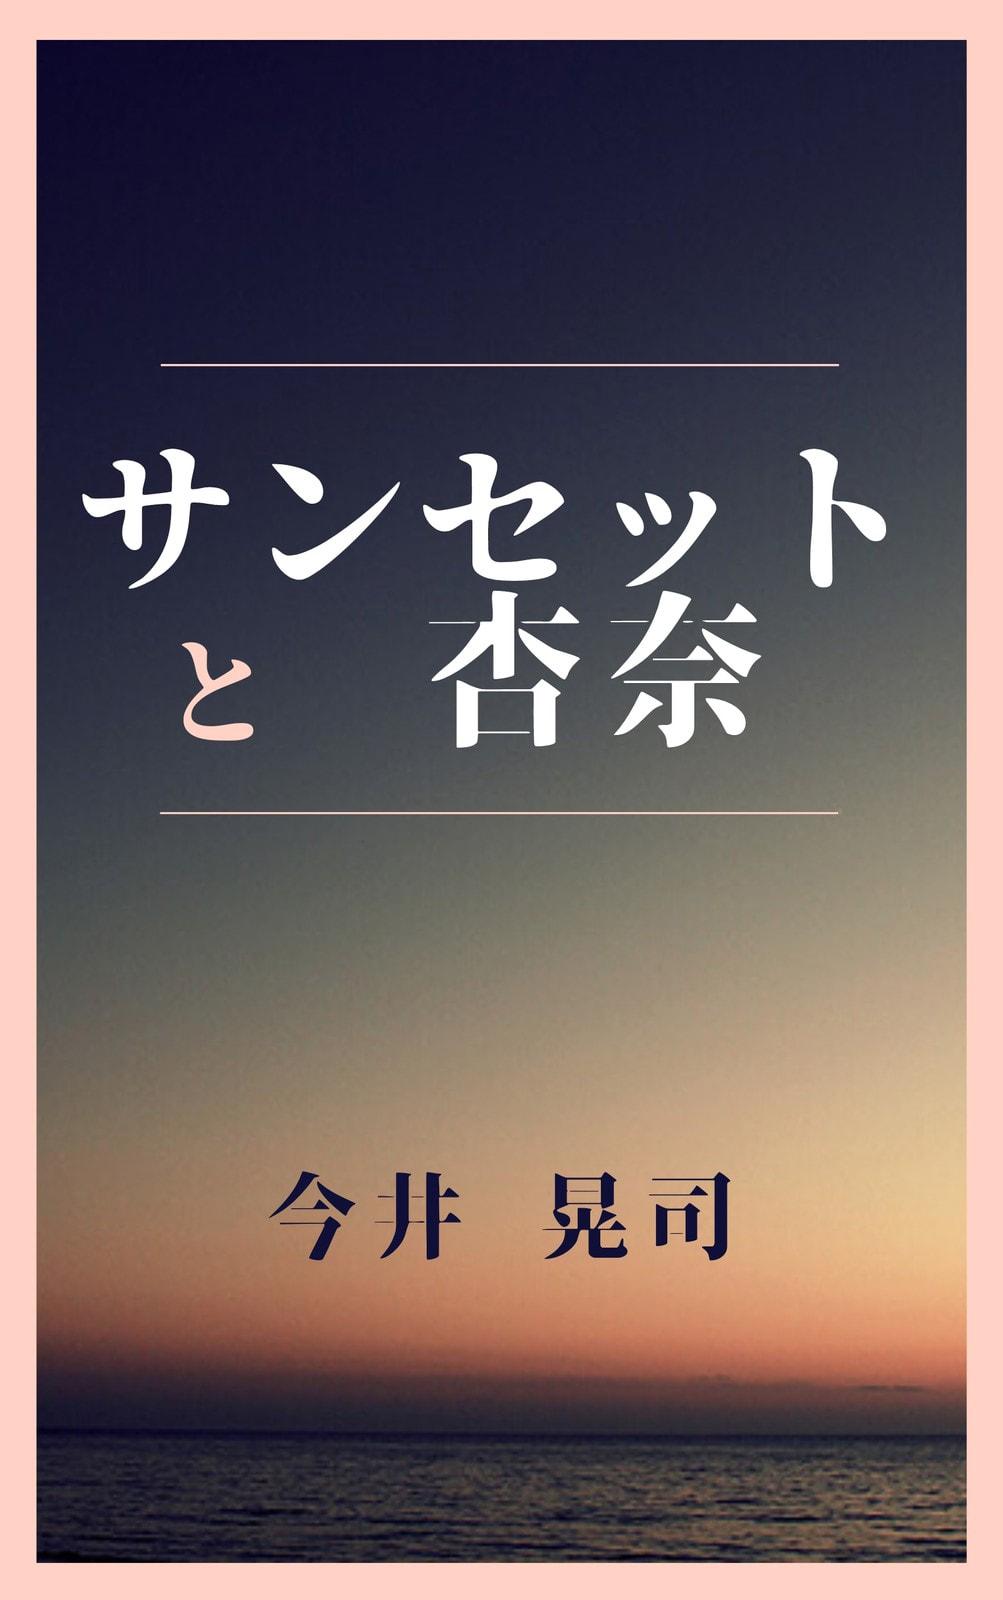 日没 ロマンス 電子書籍カバー